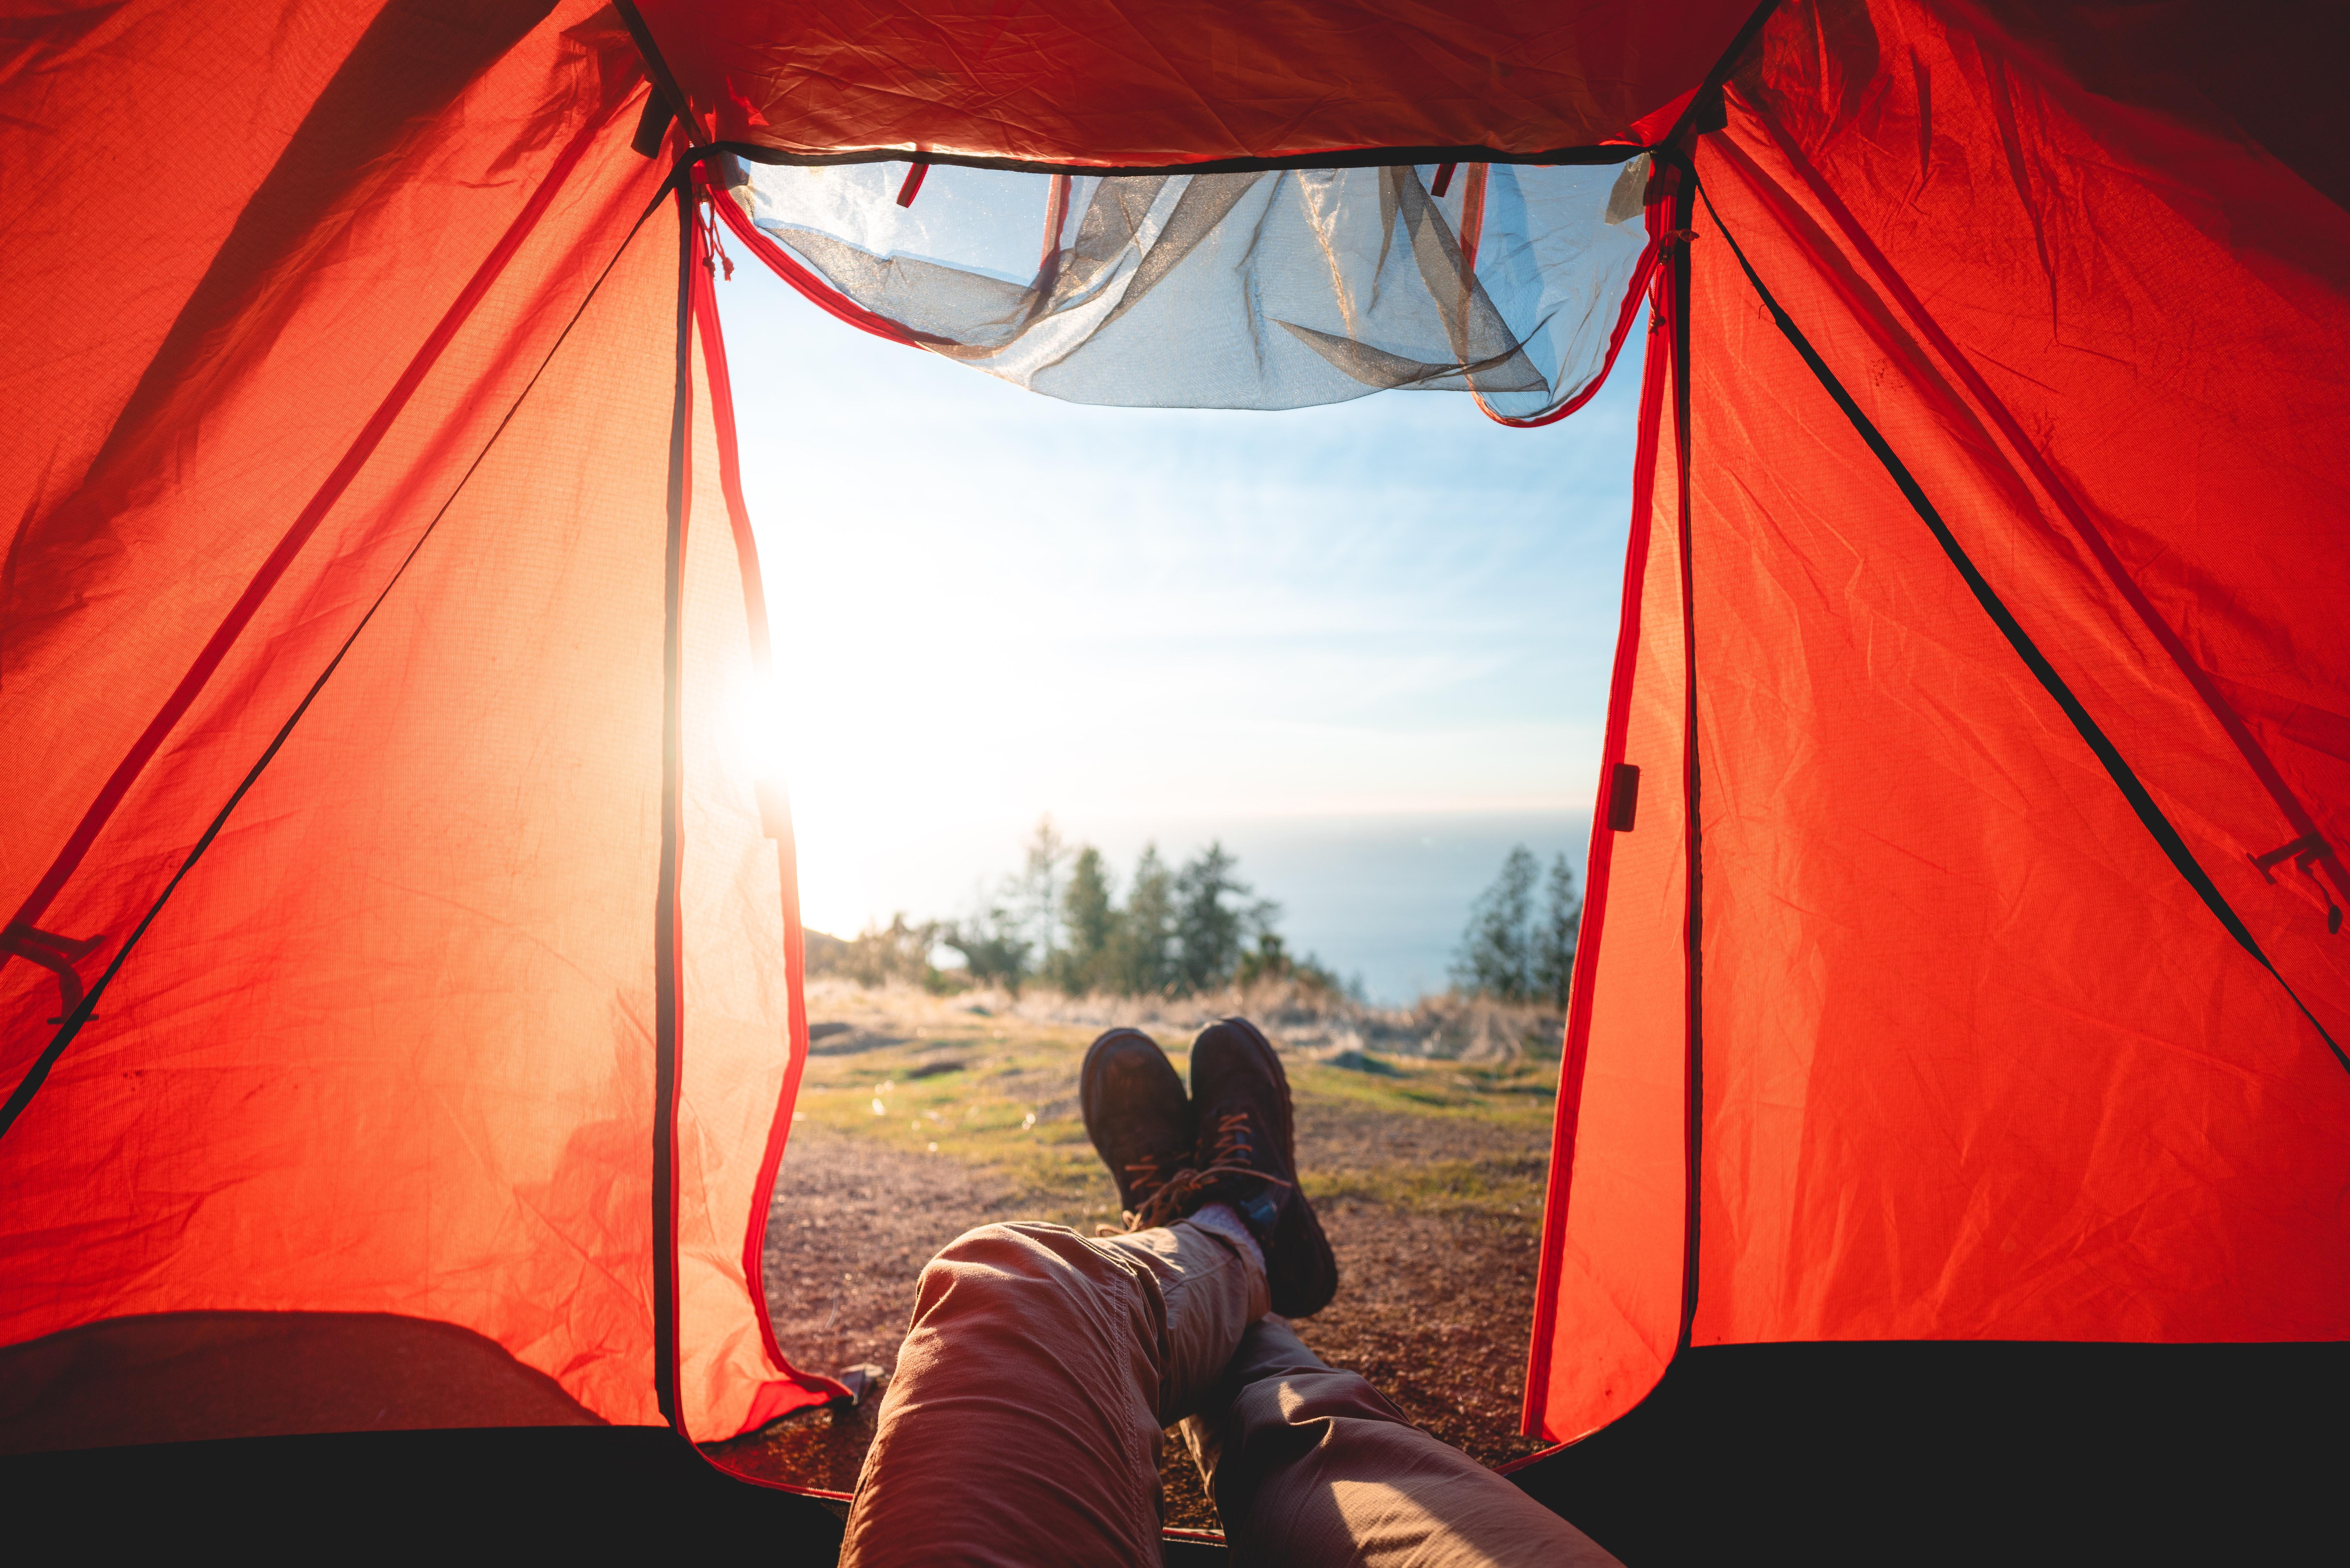 Luxe camping artikelen kopen via FromUS2EU